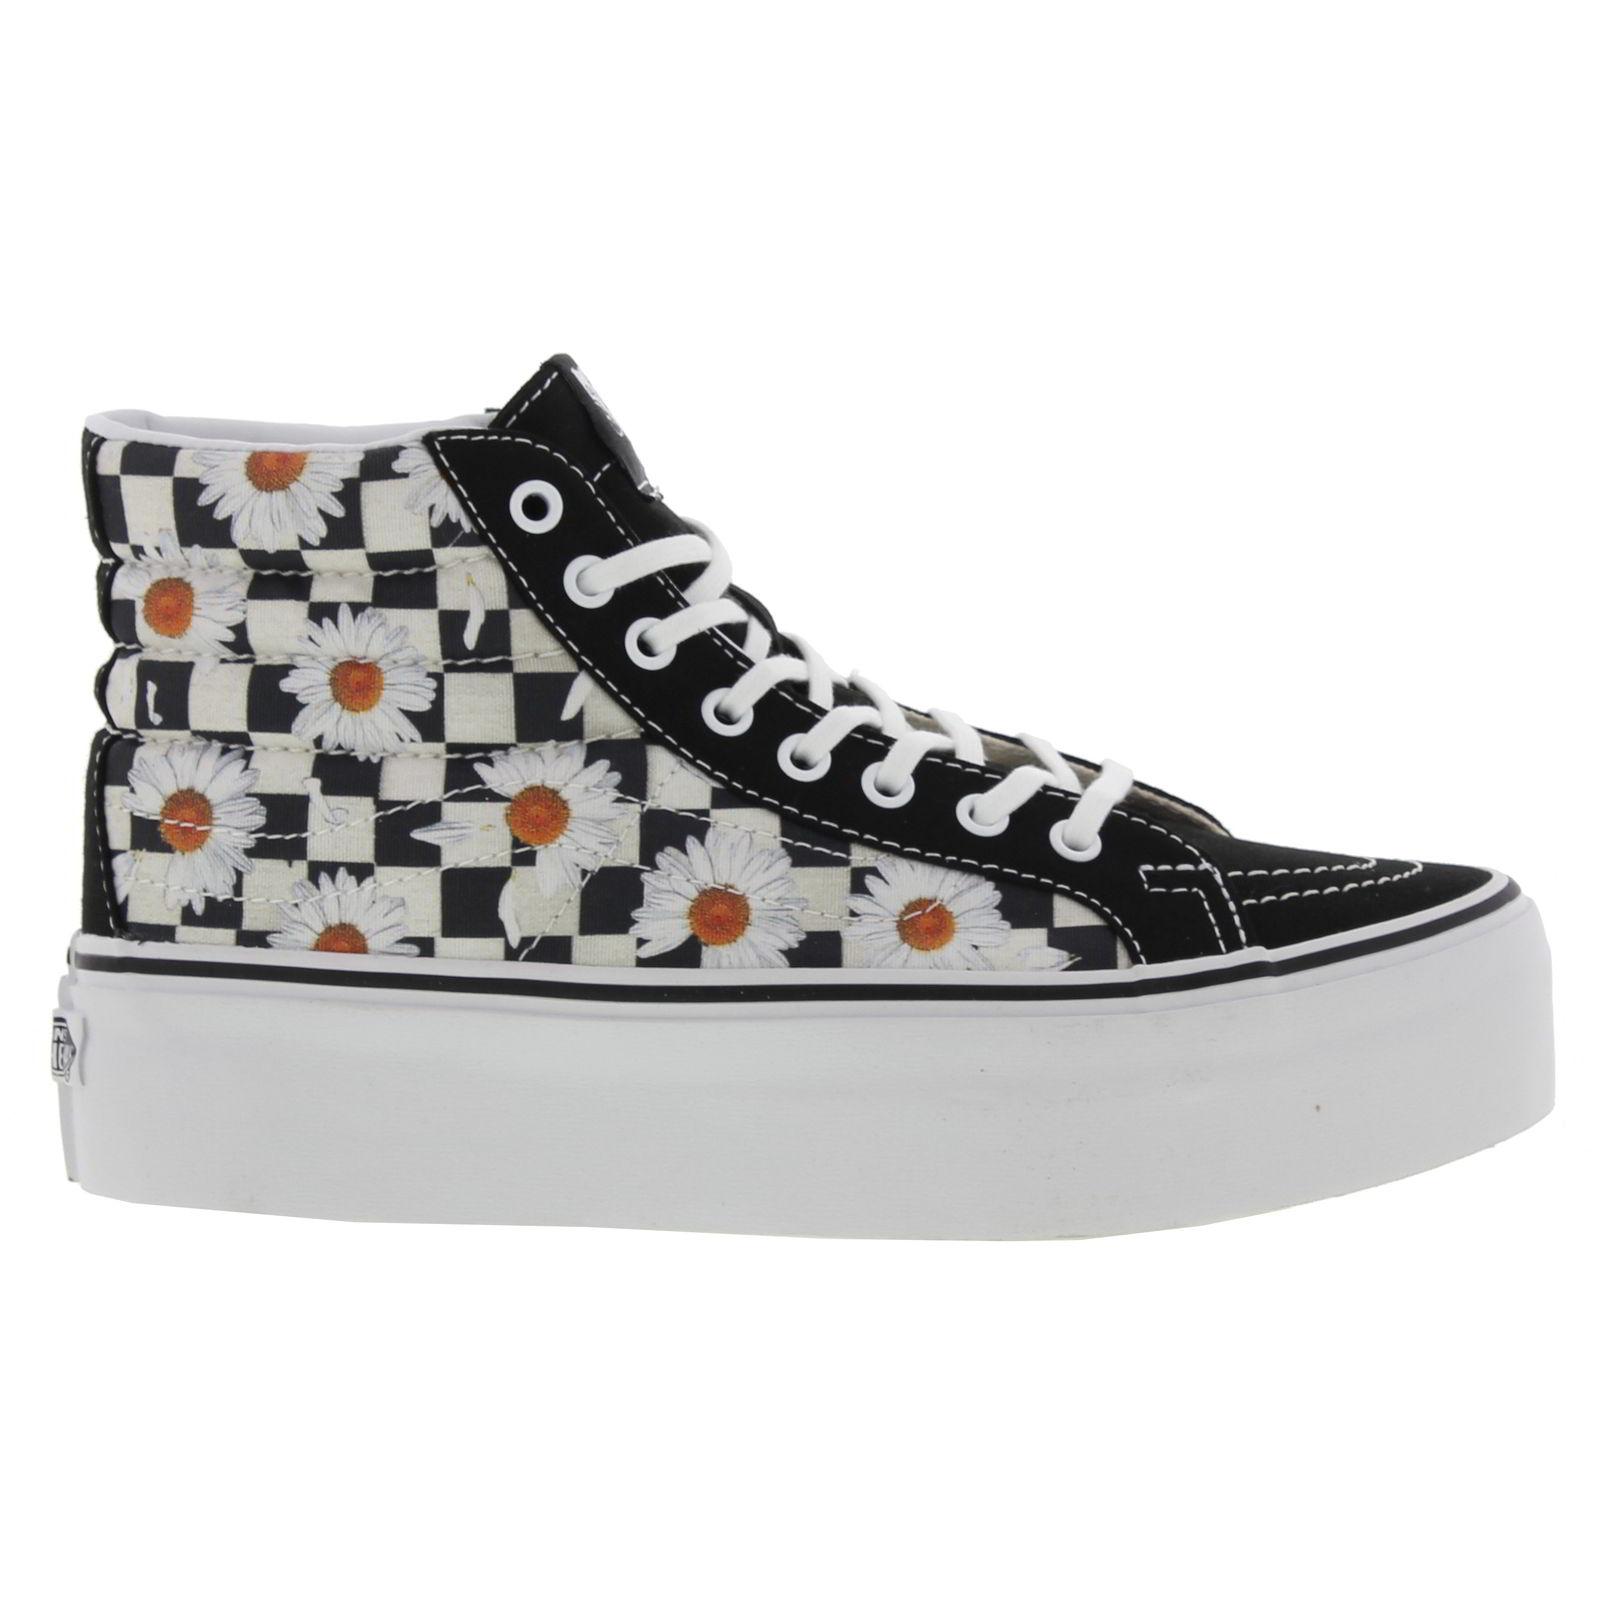 Base Vans Shoes